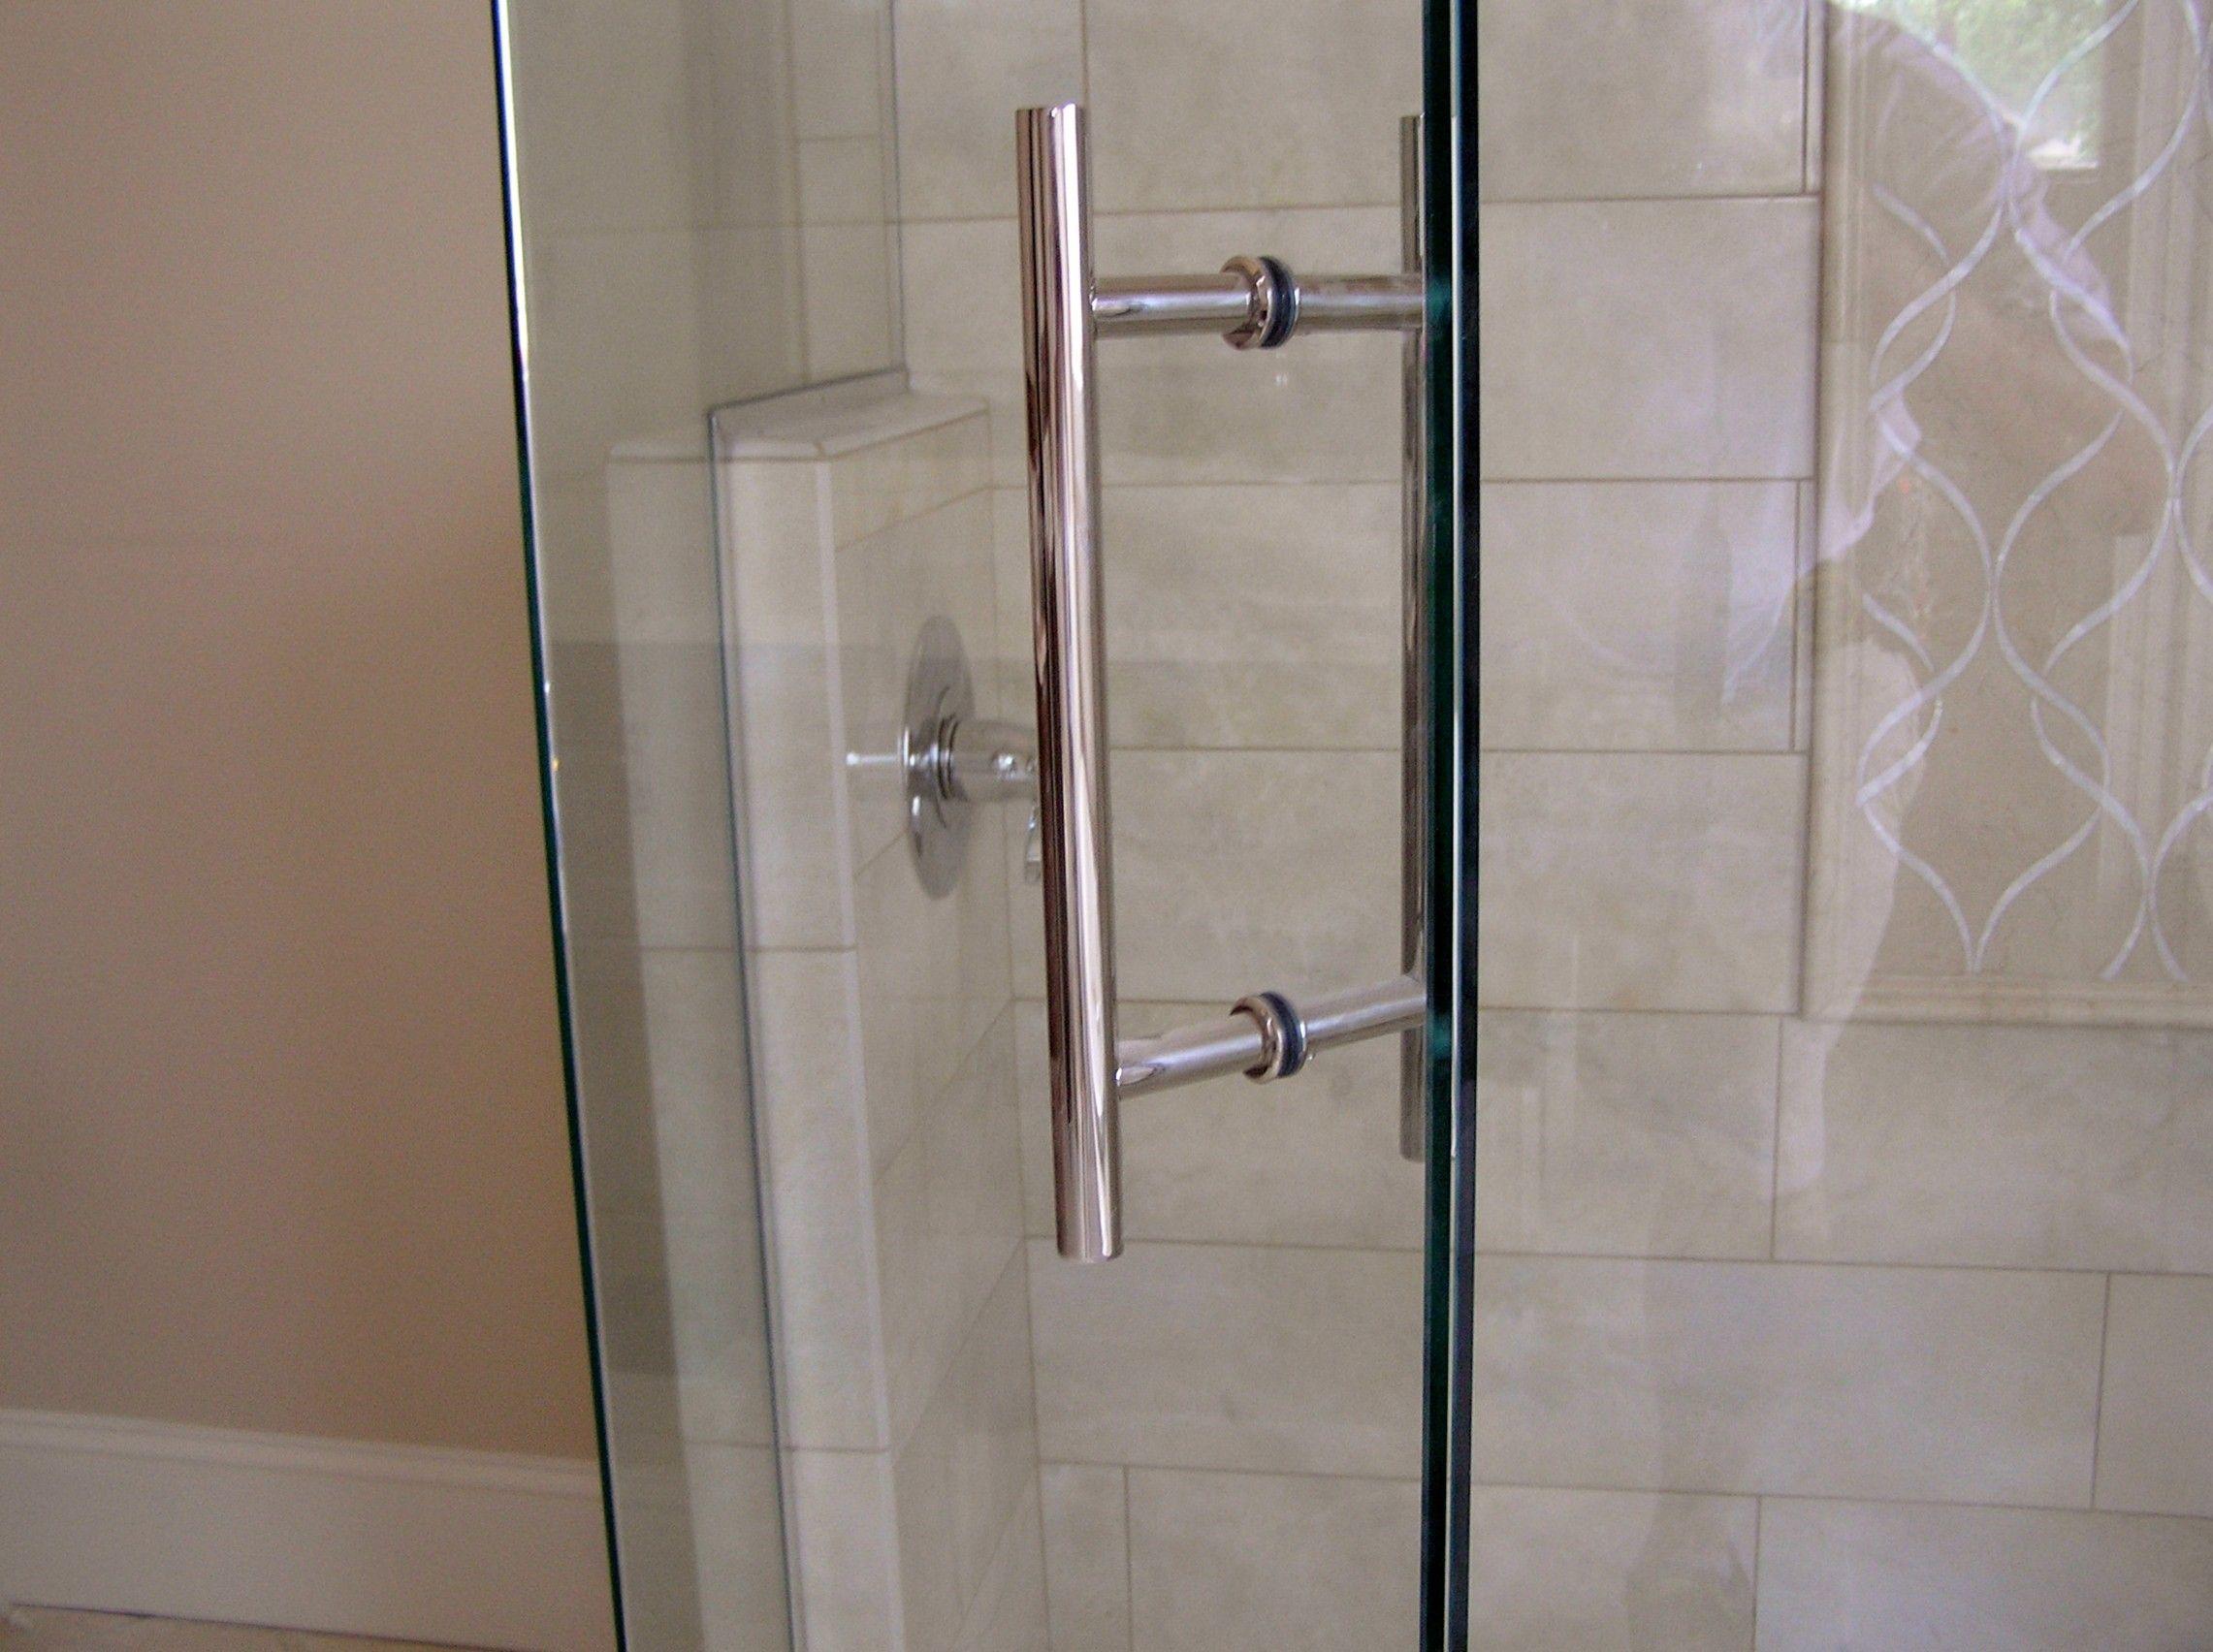 tremendous door bathroom doors org glass with design l home handballtunisie